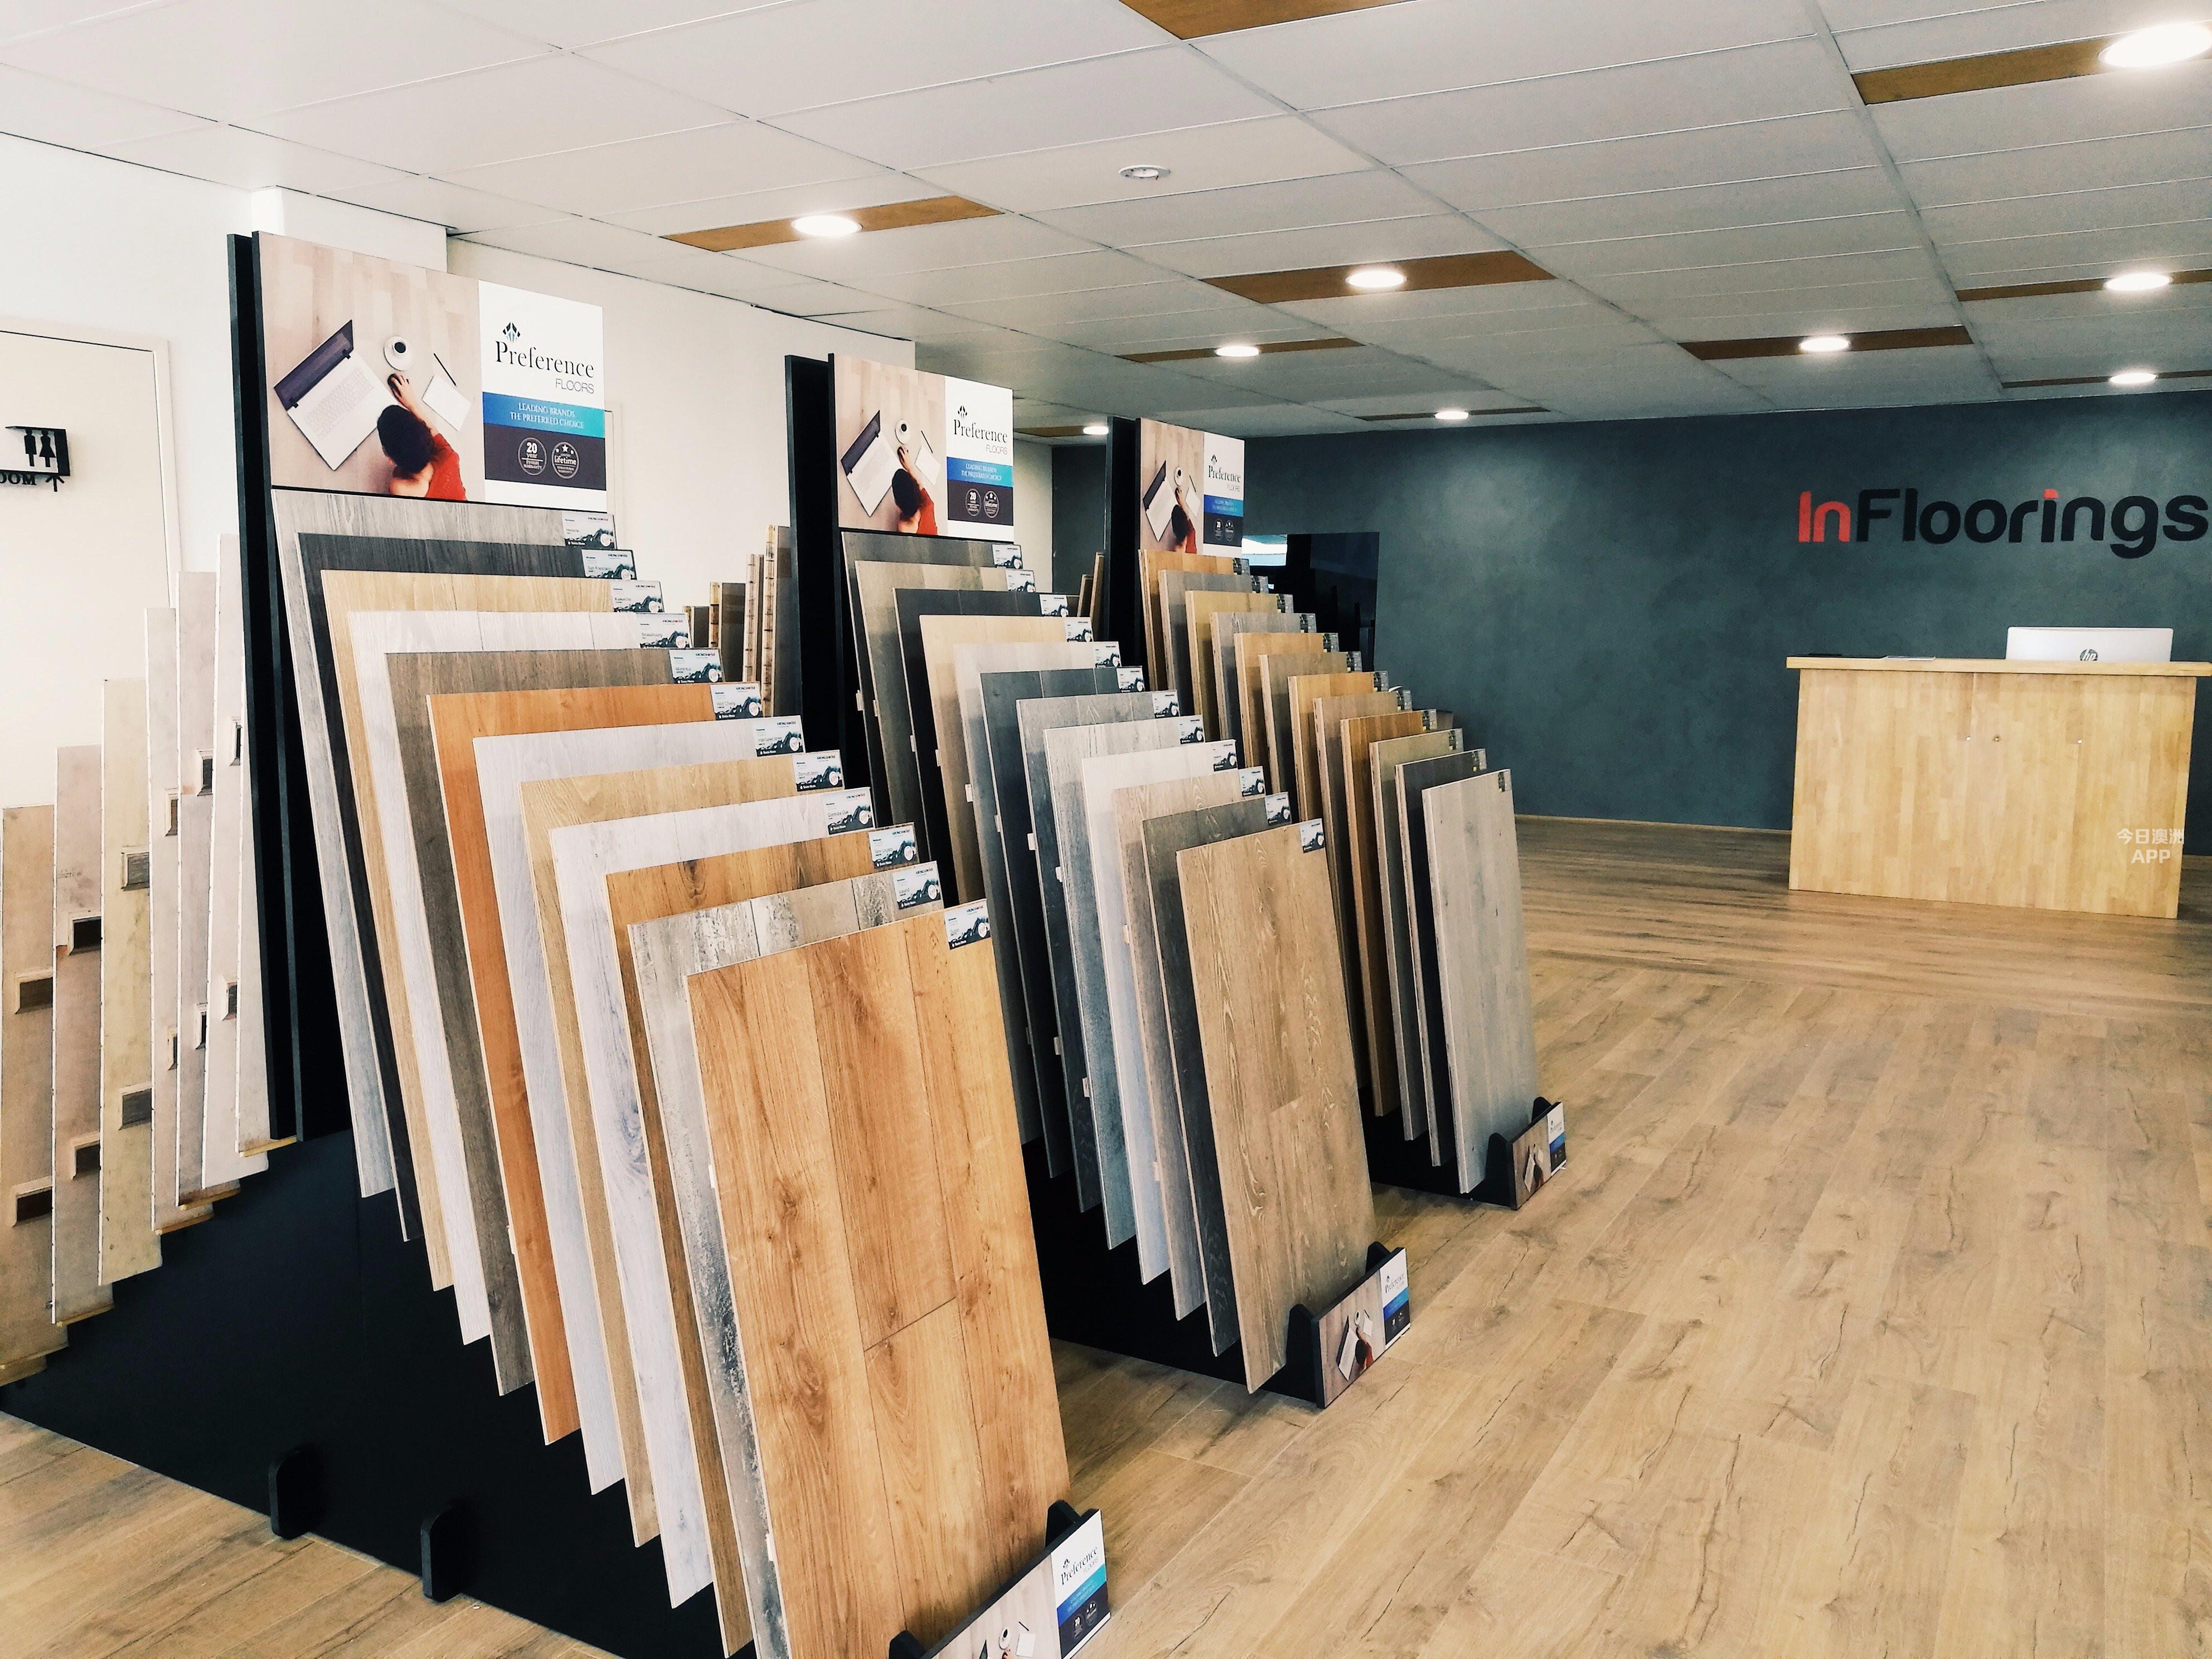 悉尼In Floorings工厂直销地毯地板地板革